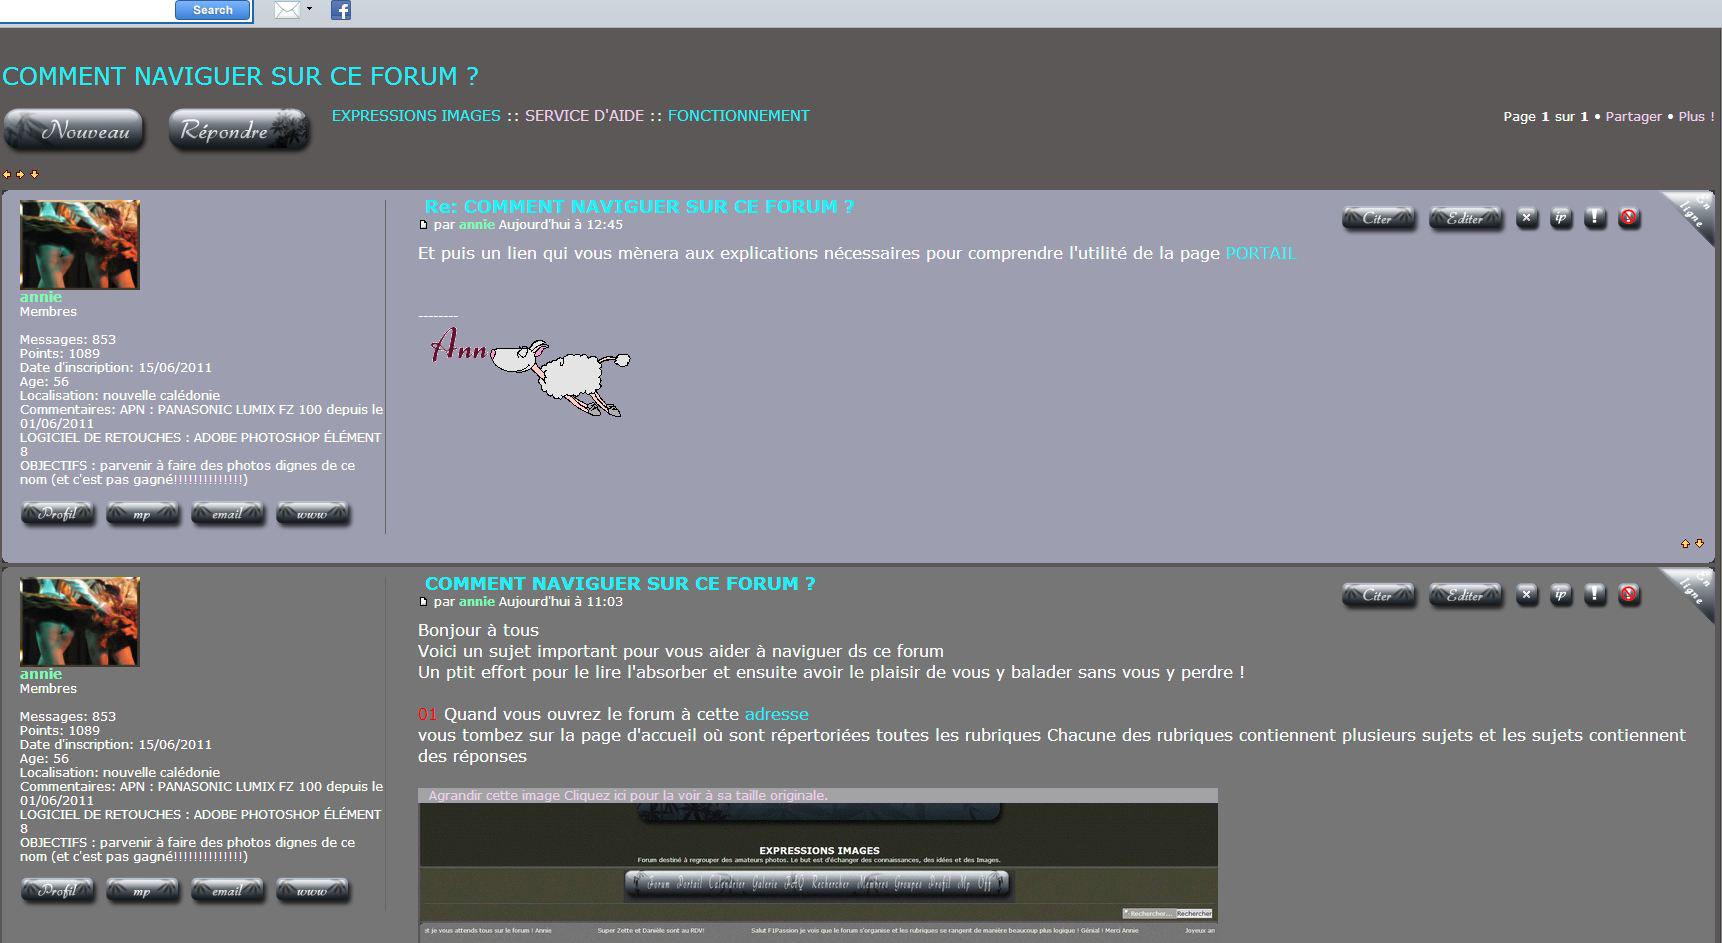 LE PORTAIL (une parenthèse utile) Portai12